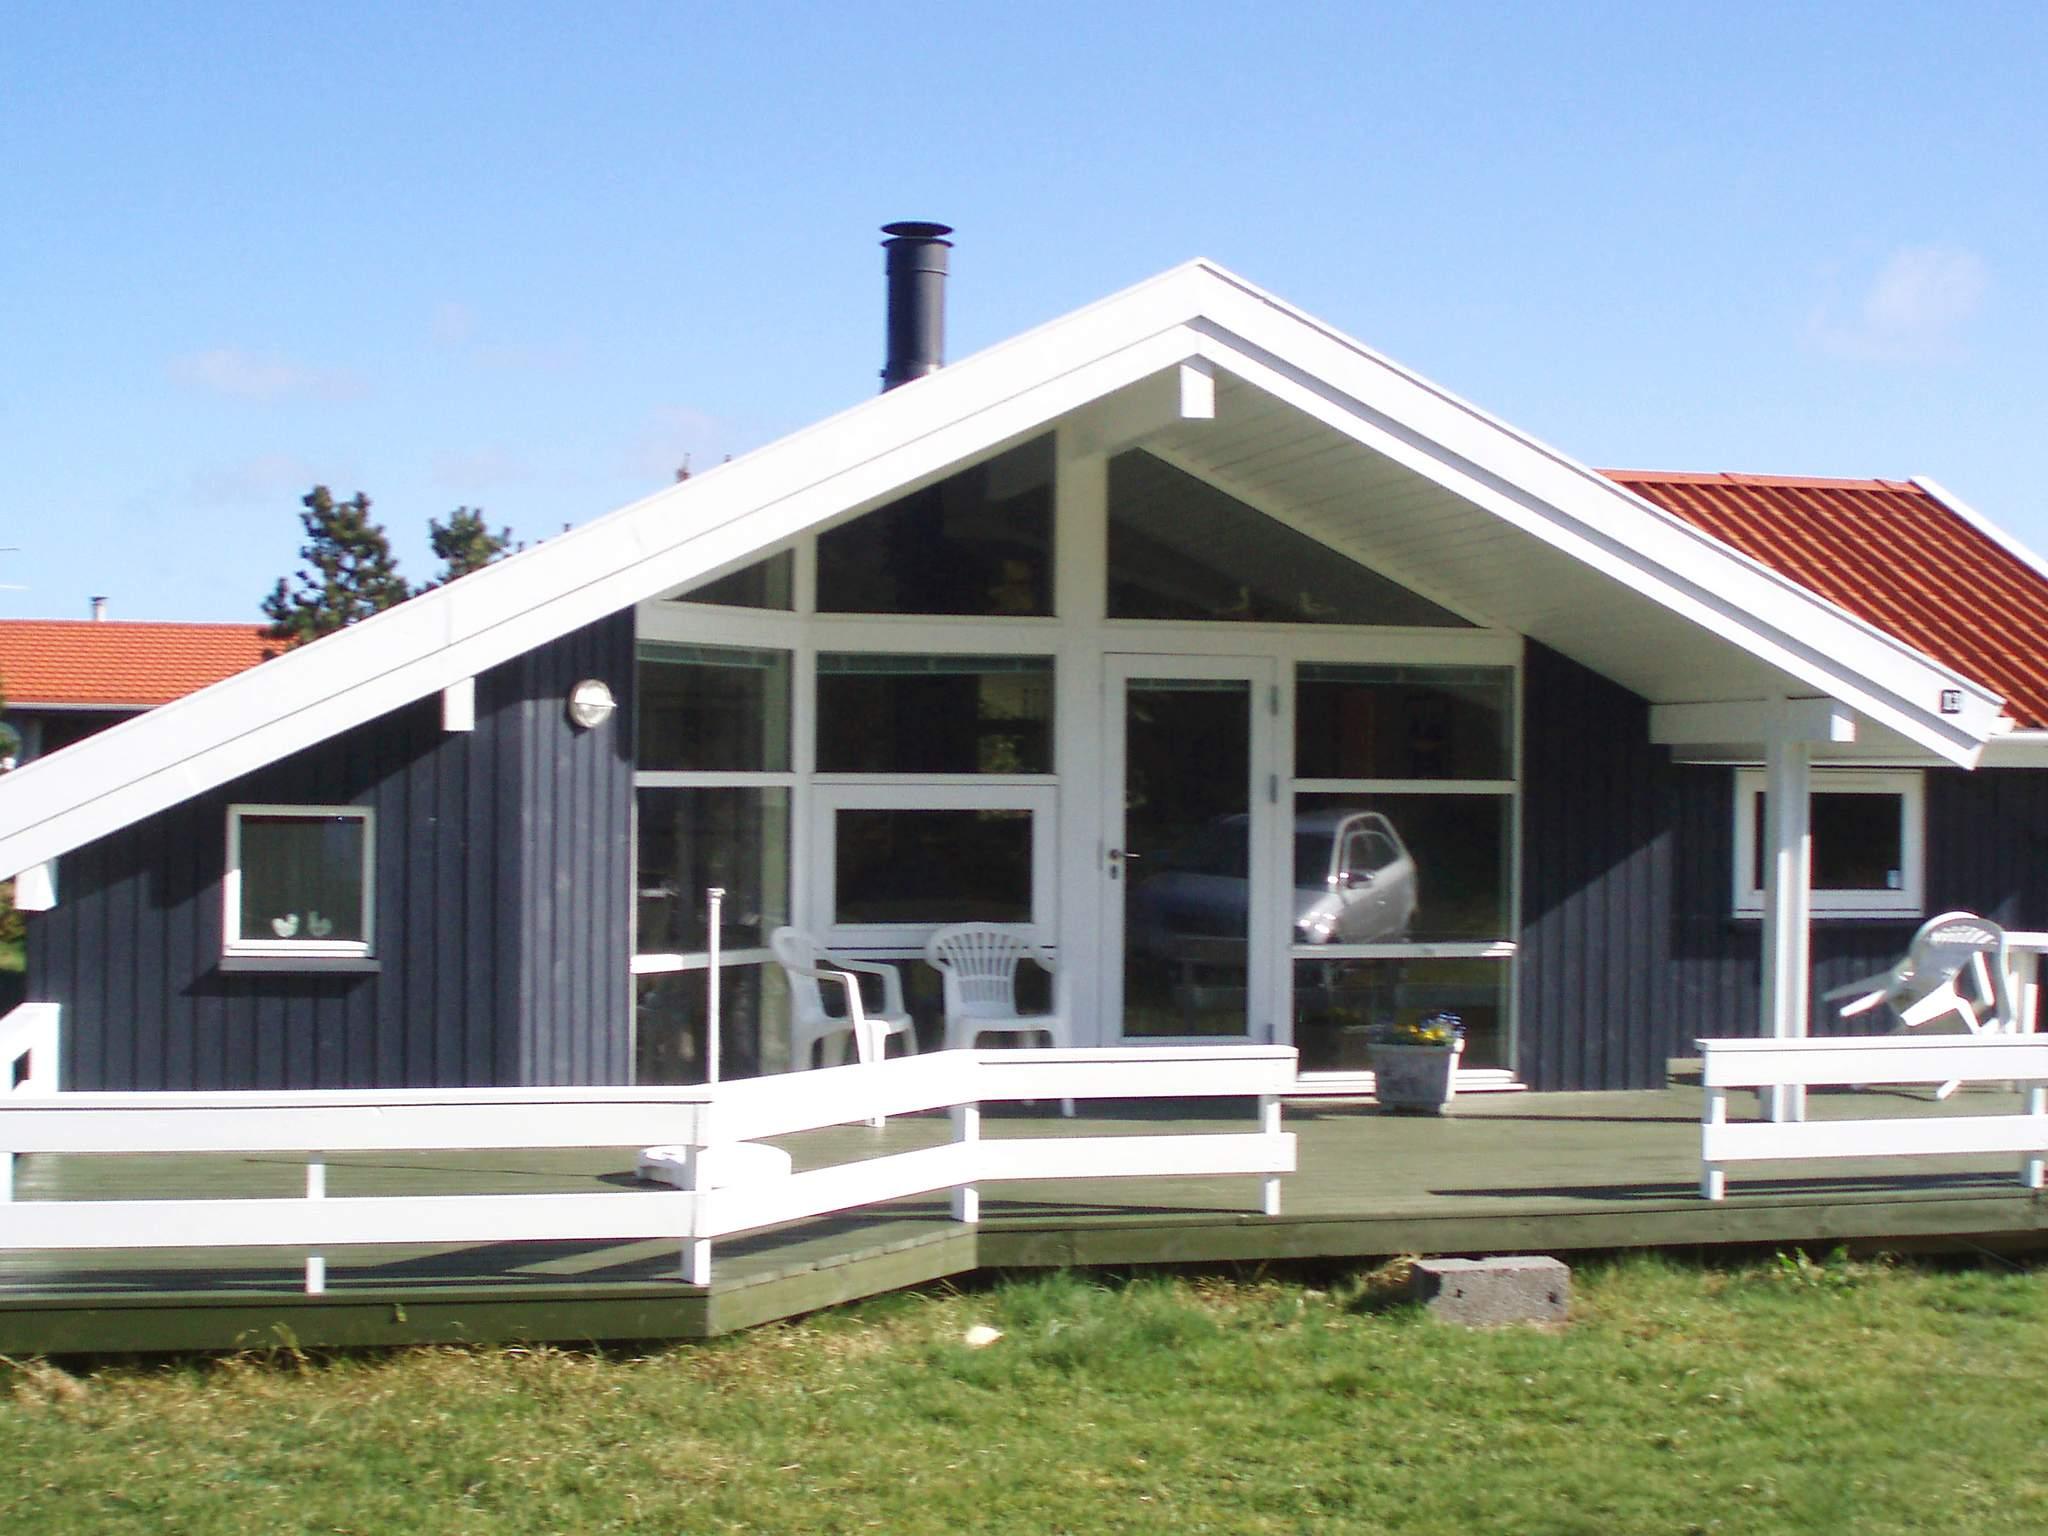 Ferienhaus Agger (226345), Vestervig, , Limfjord, Dänemark, Bild 18